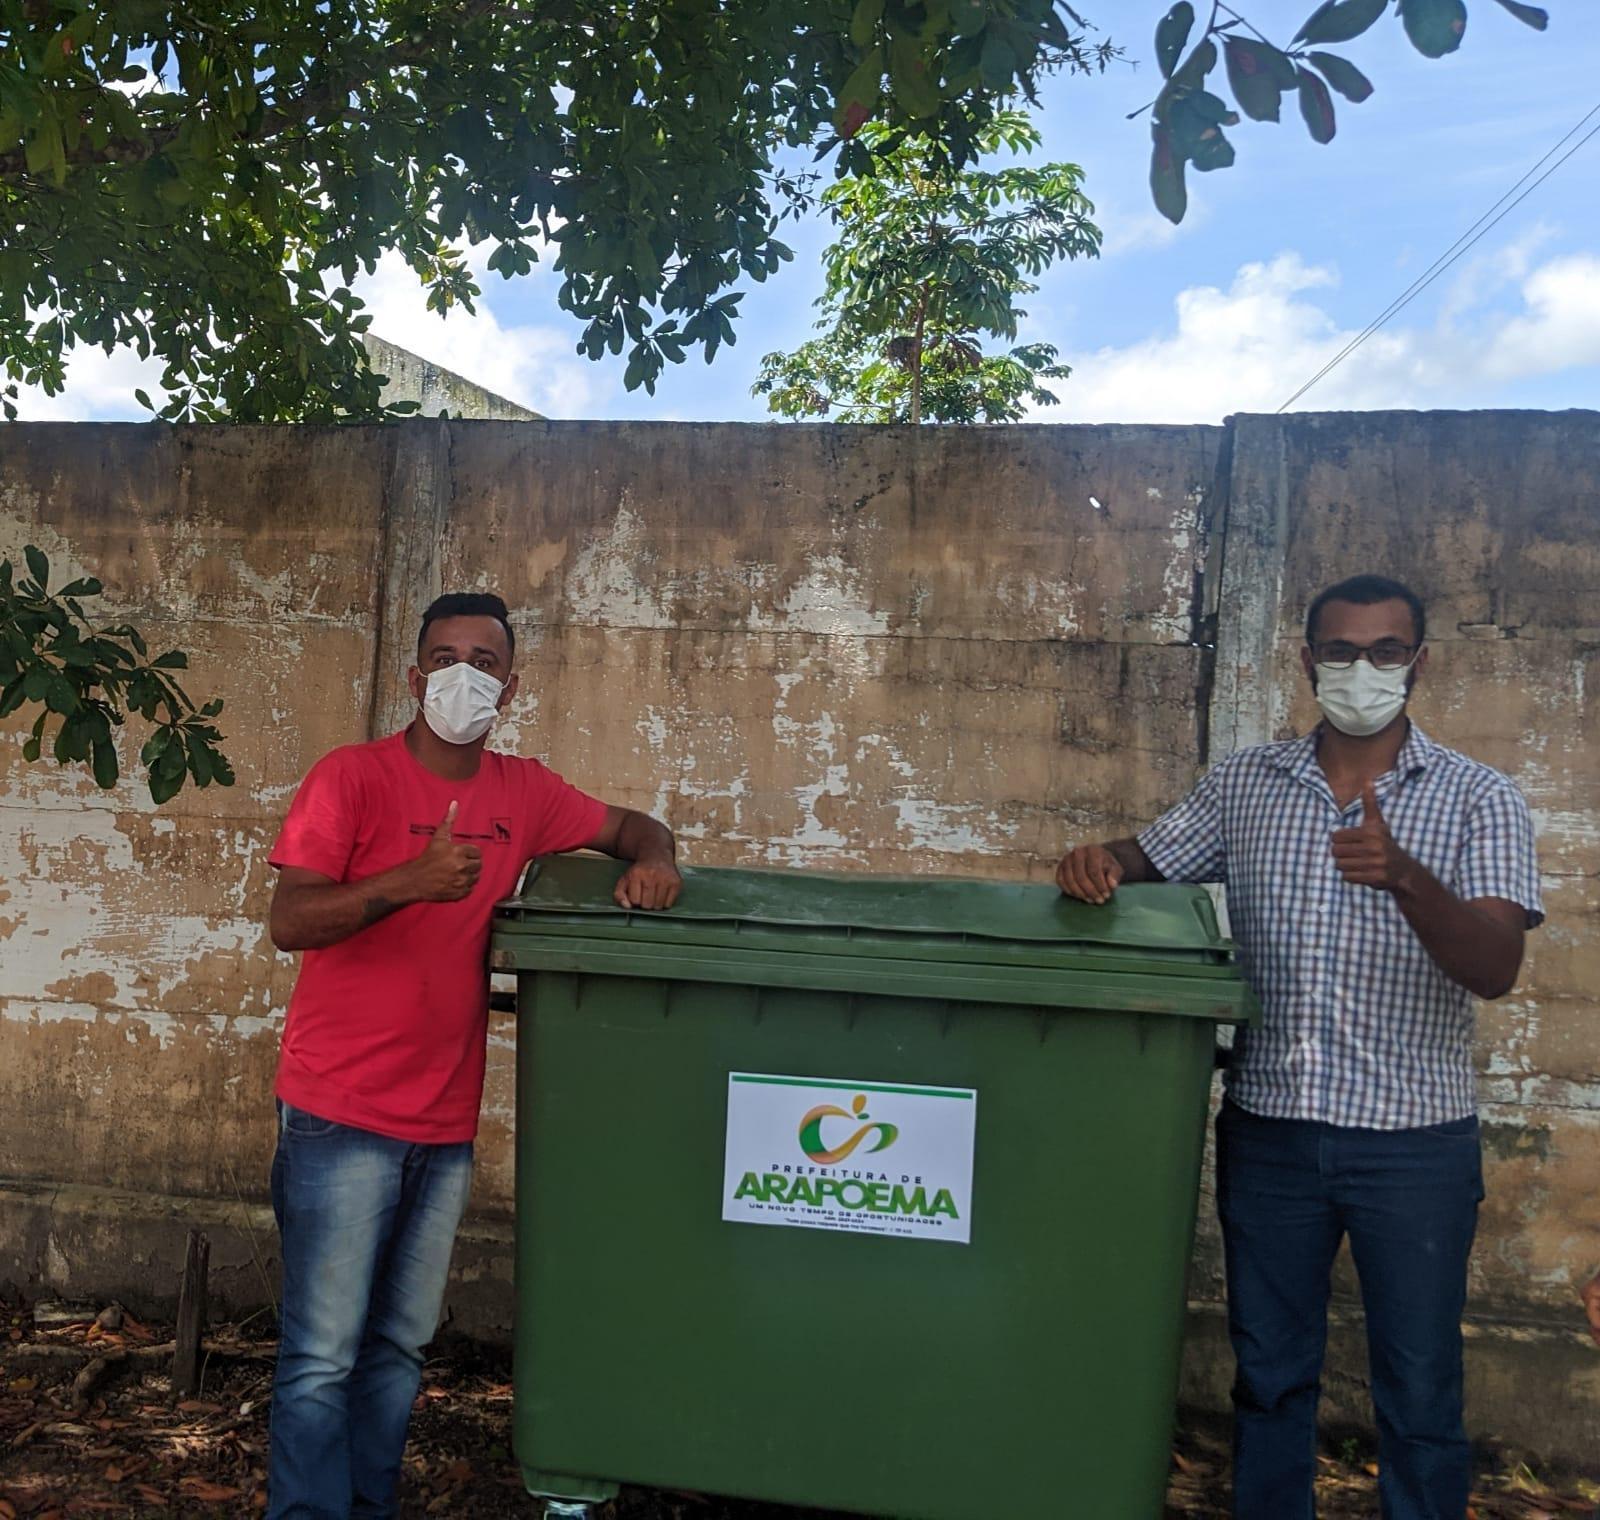 Prefeitura instala contêiner de lixo nos Povoados Zé Preto e Km 19